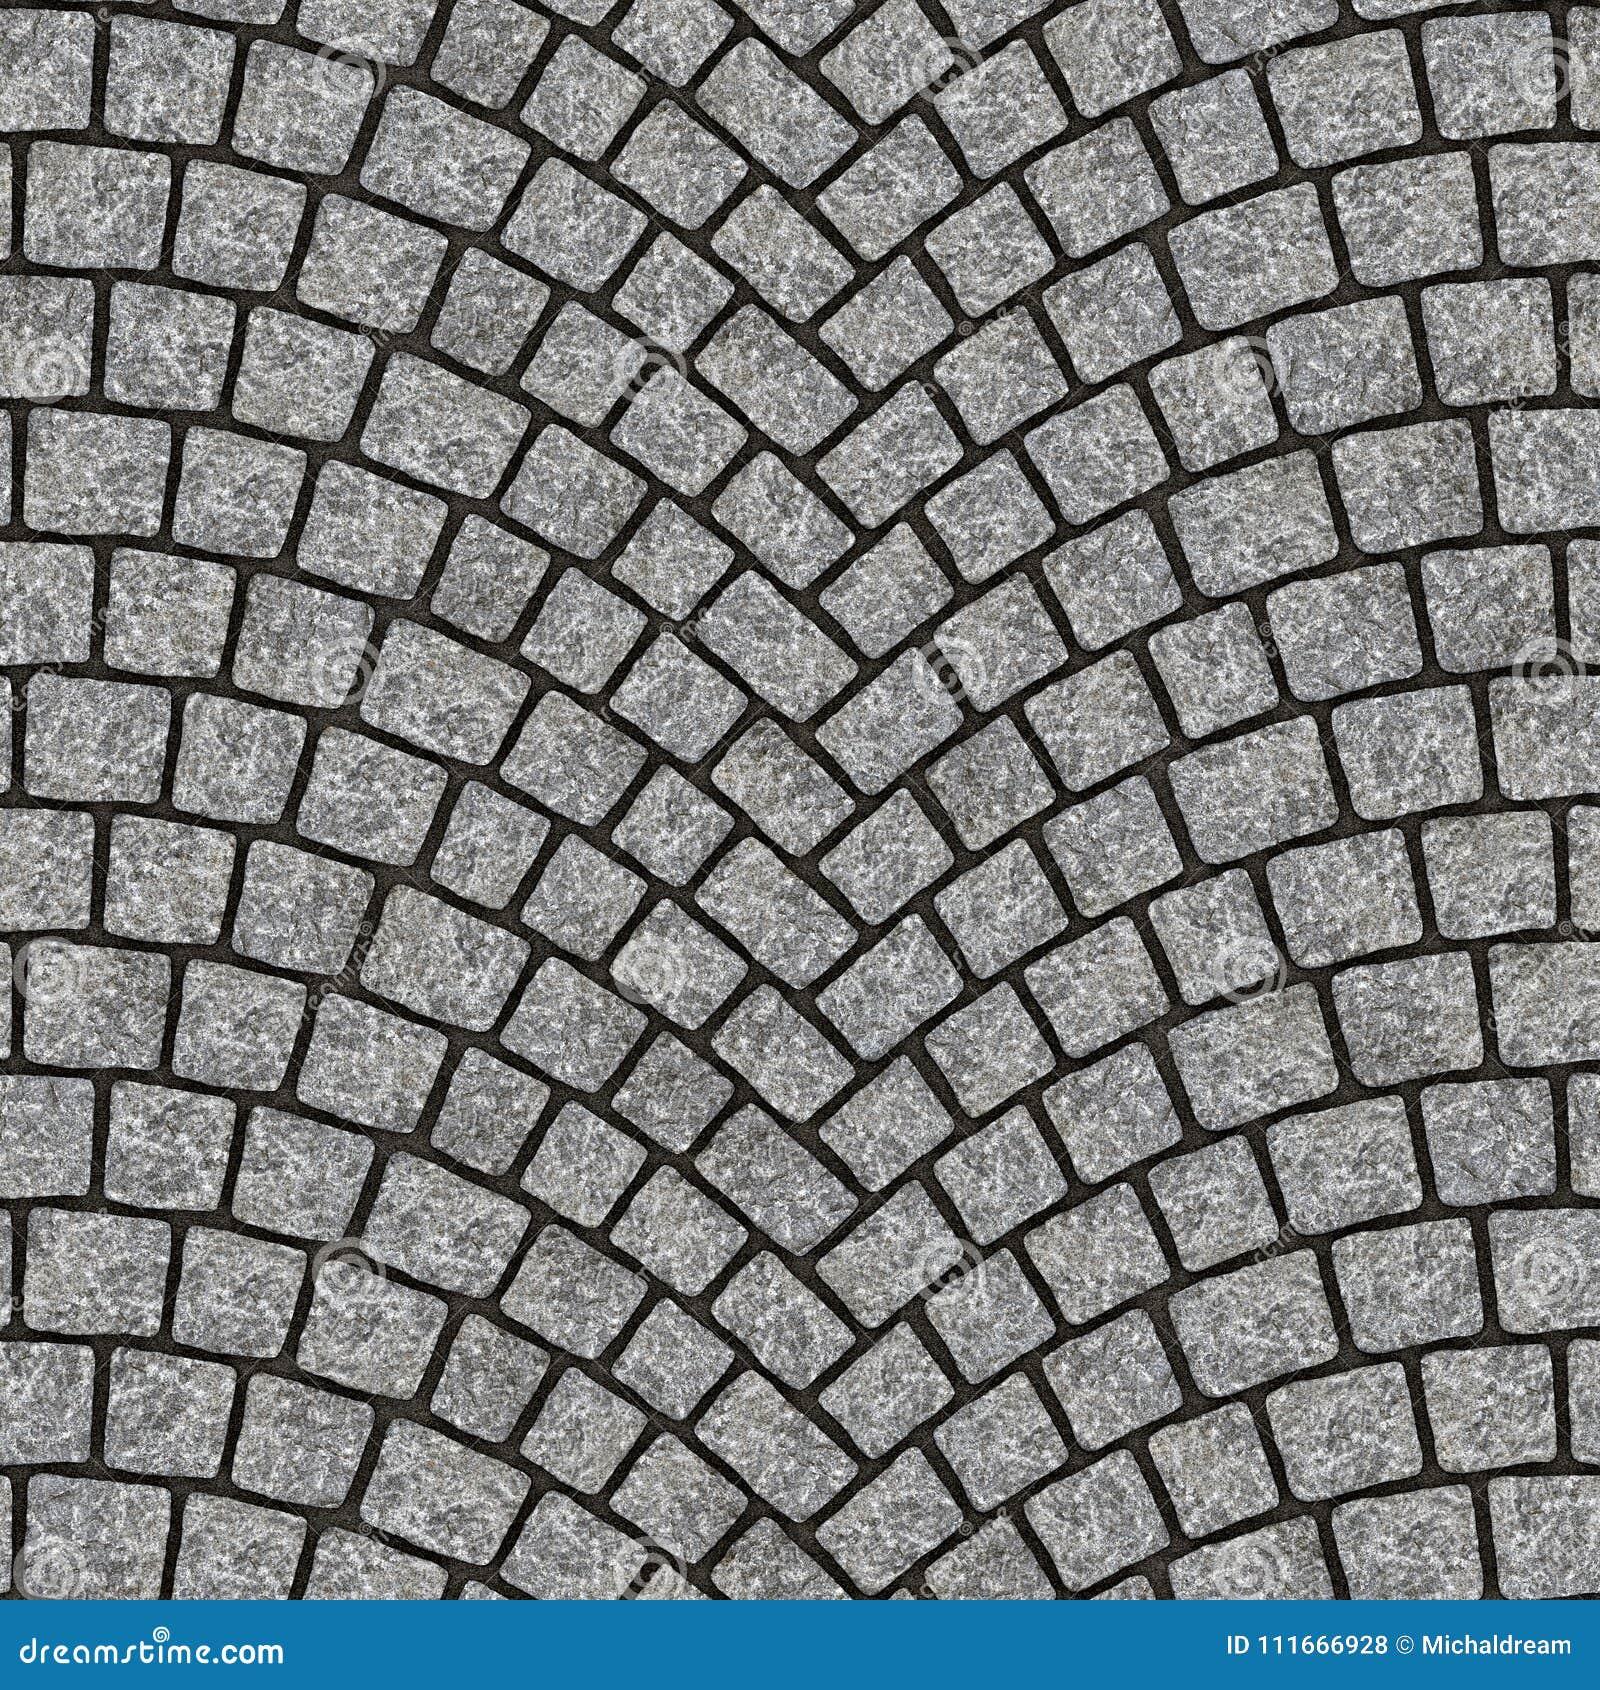 Arched cobblestone pavement texture 012